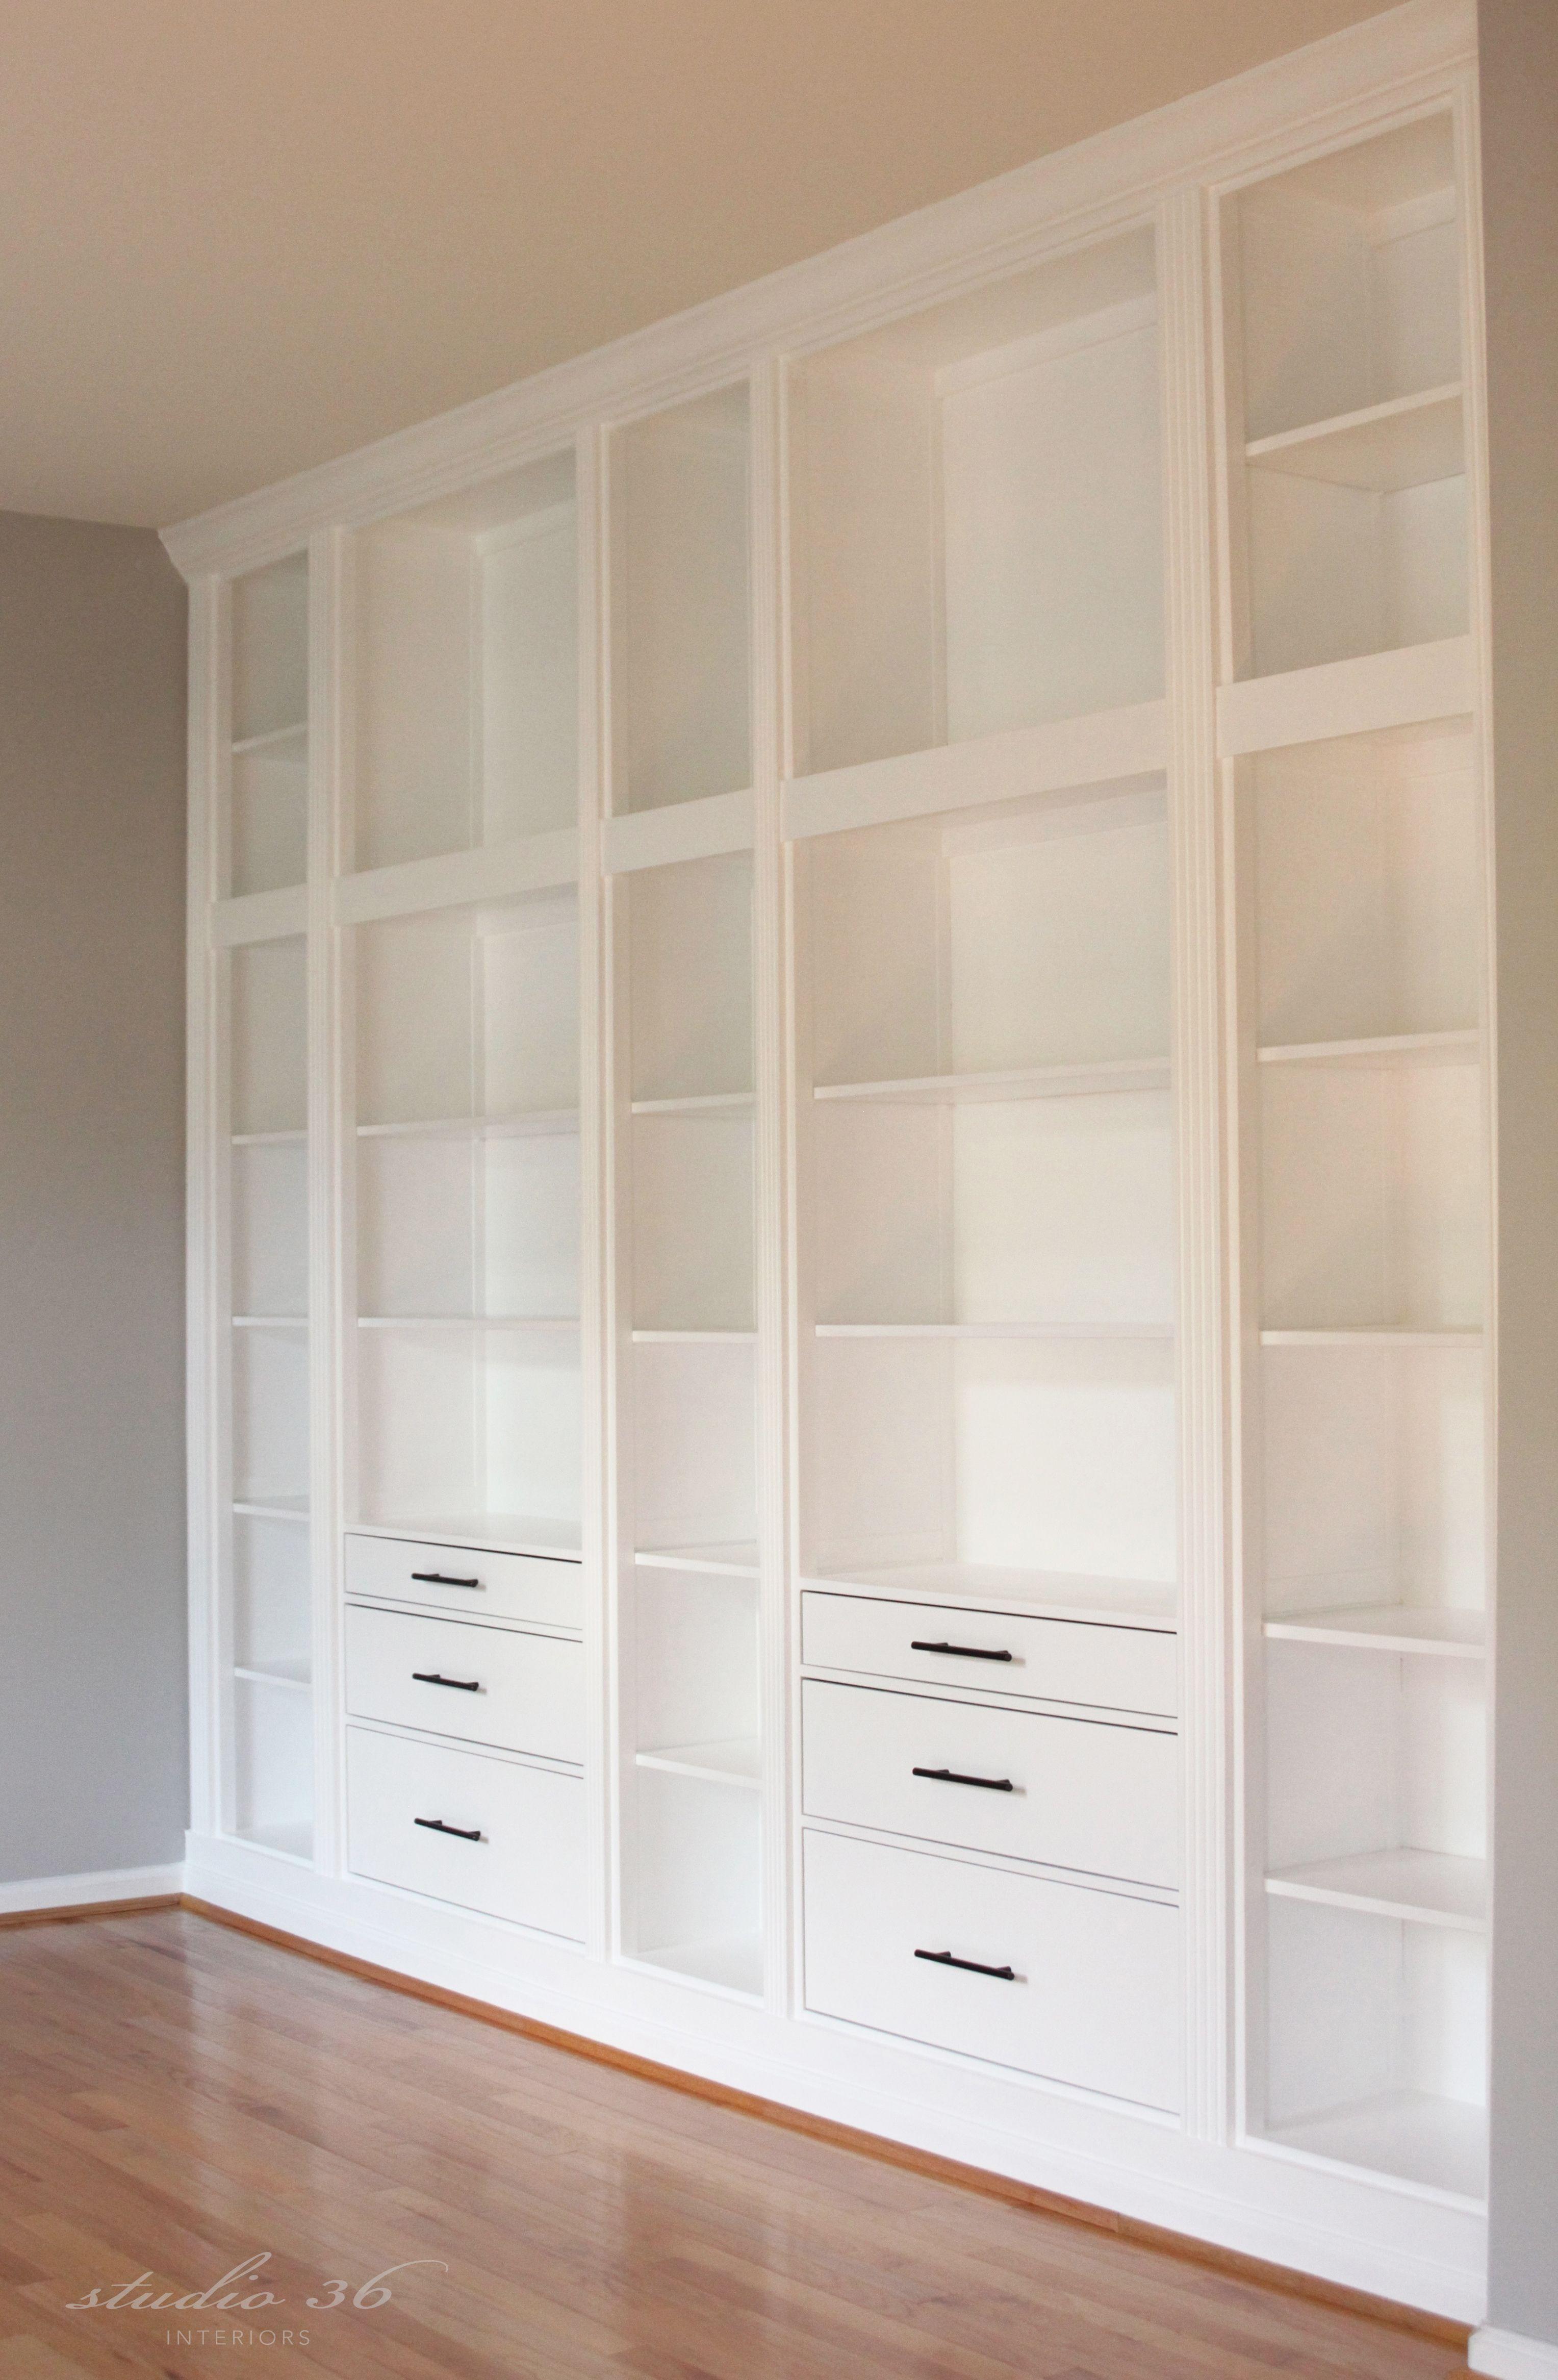 Diy Built In Bookcase Reveal An Ikea Hack Ikea Built In Ikea